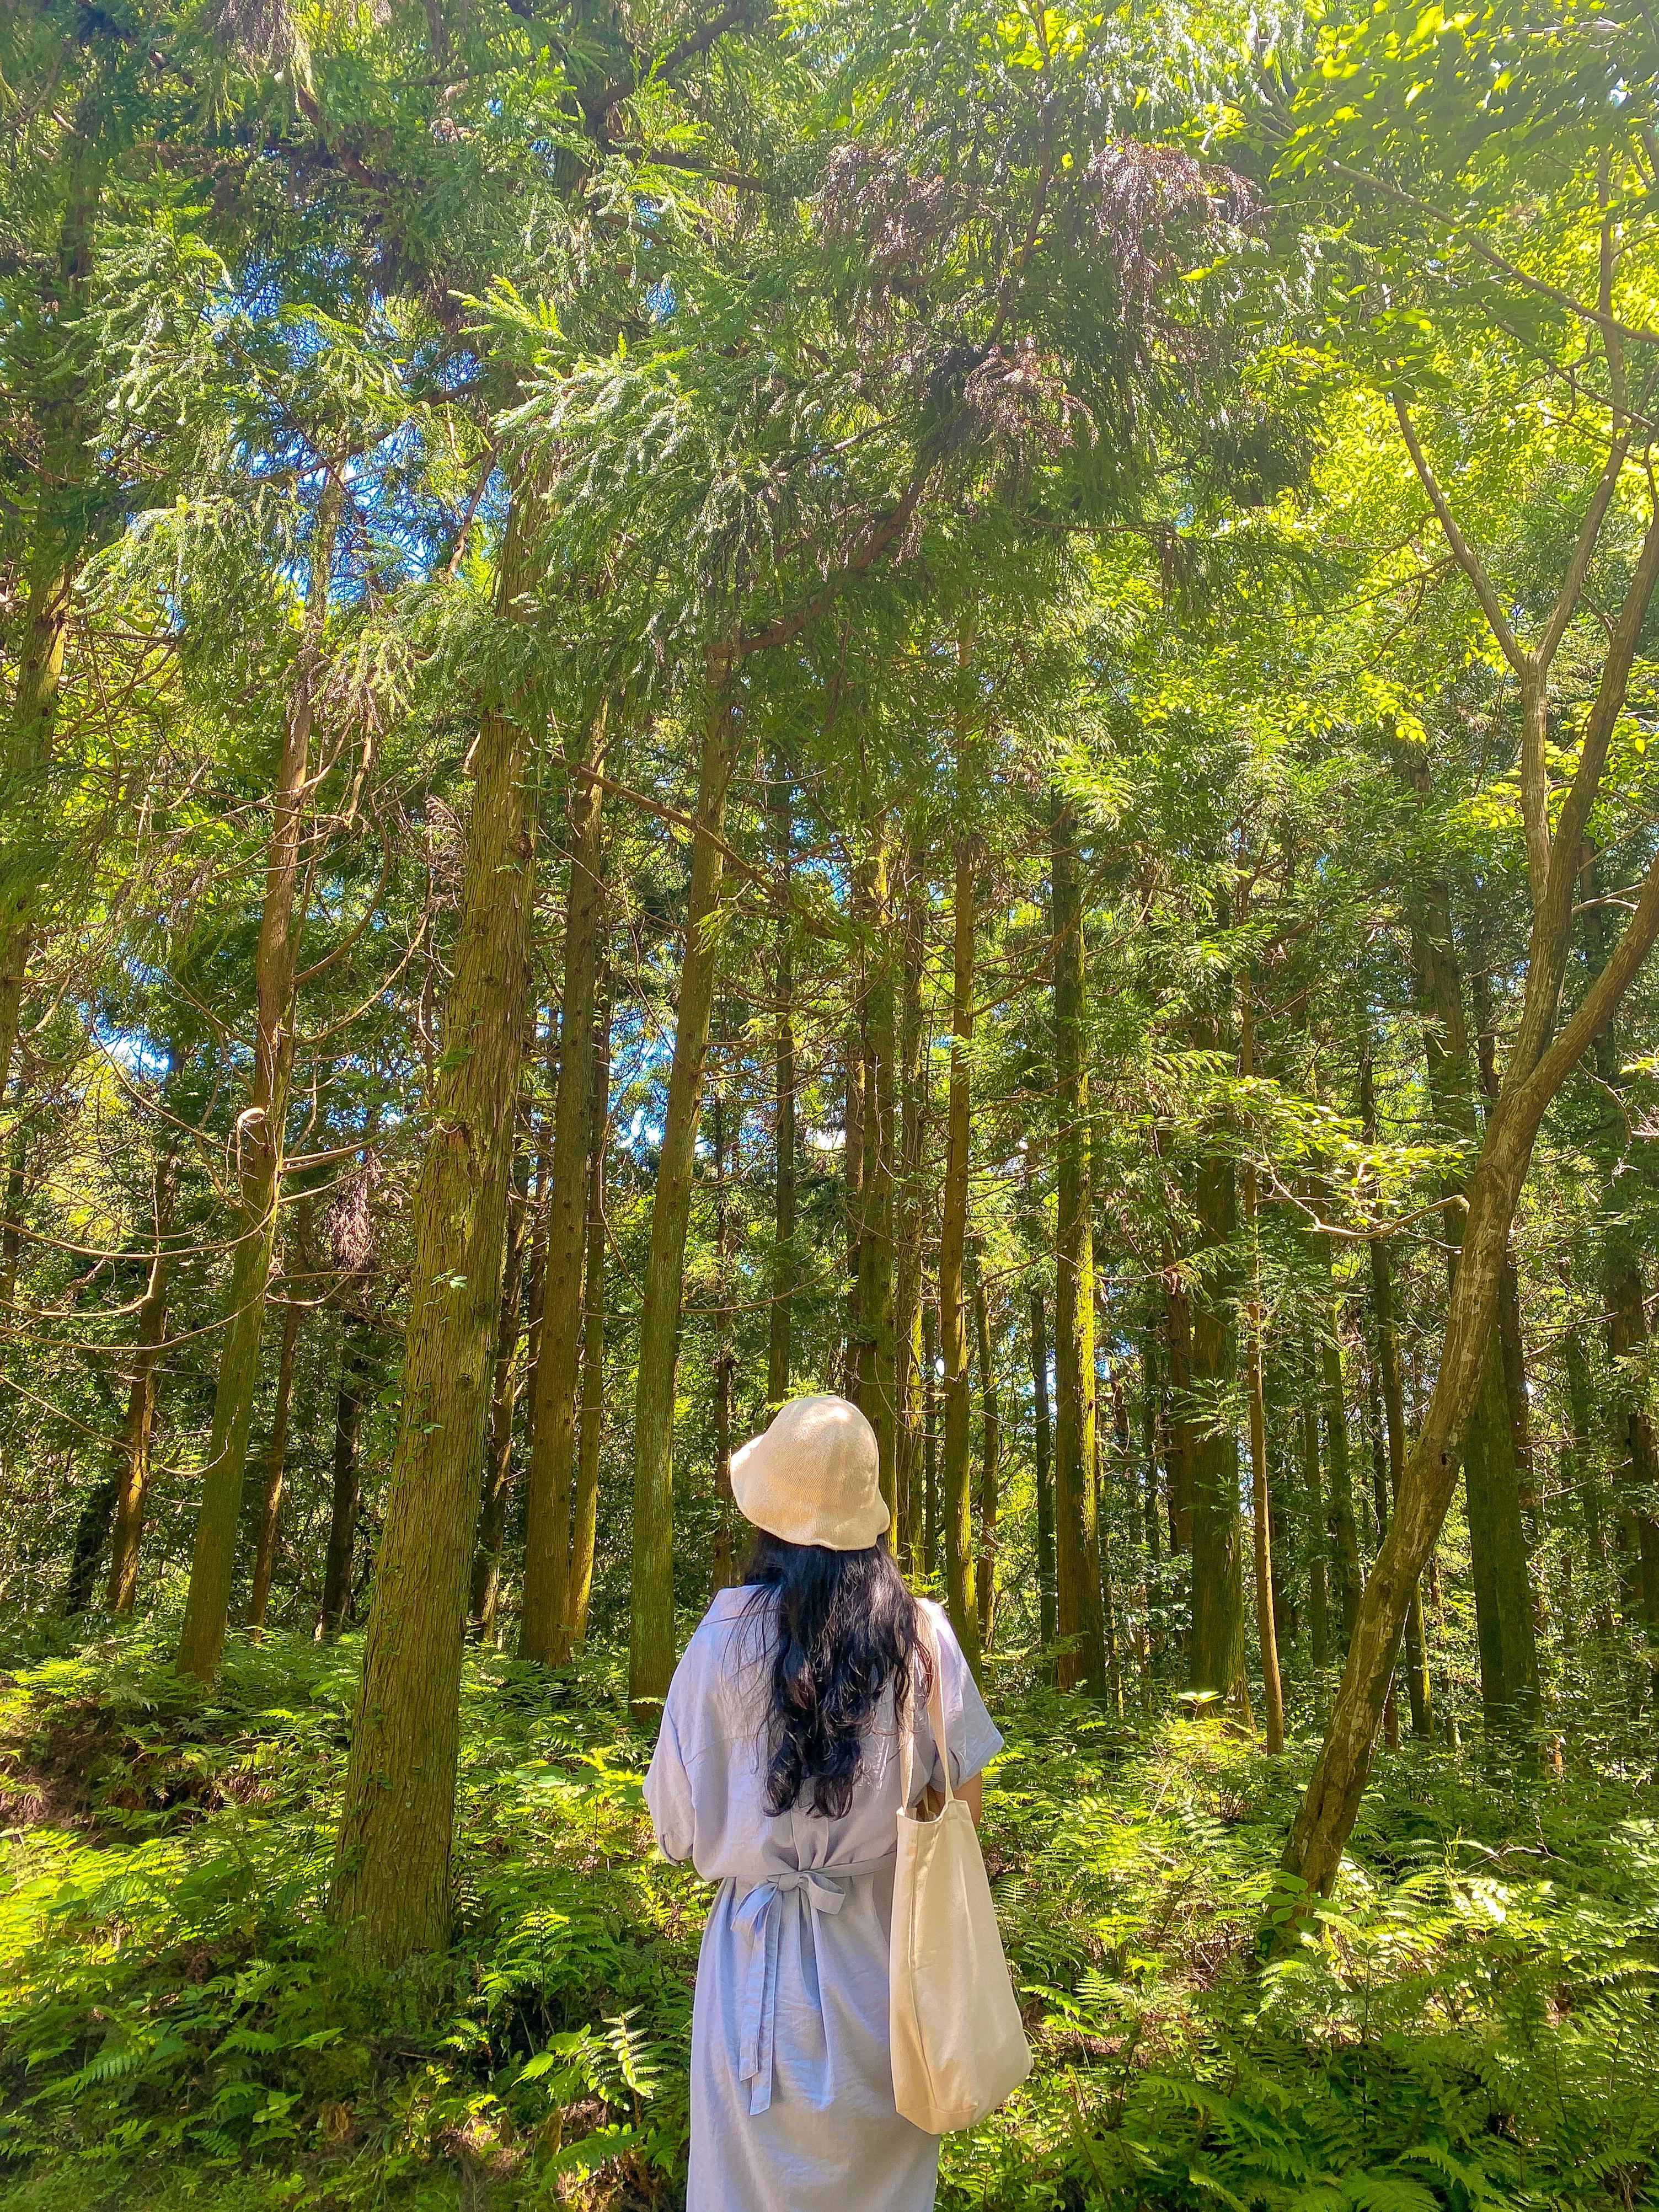 신비롭고 아름다운 숲